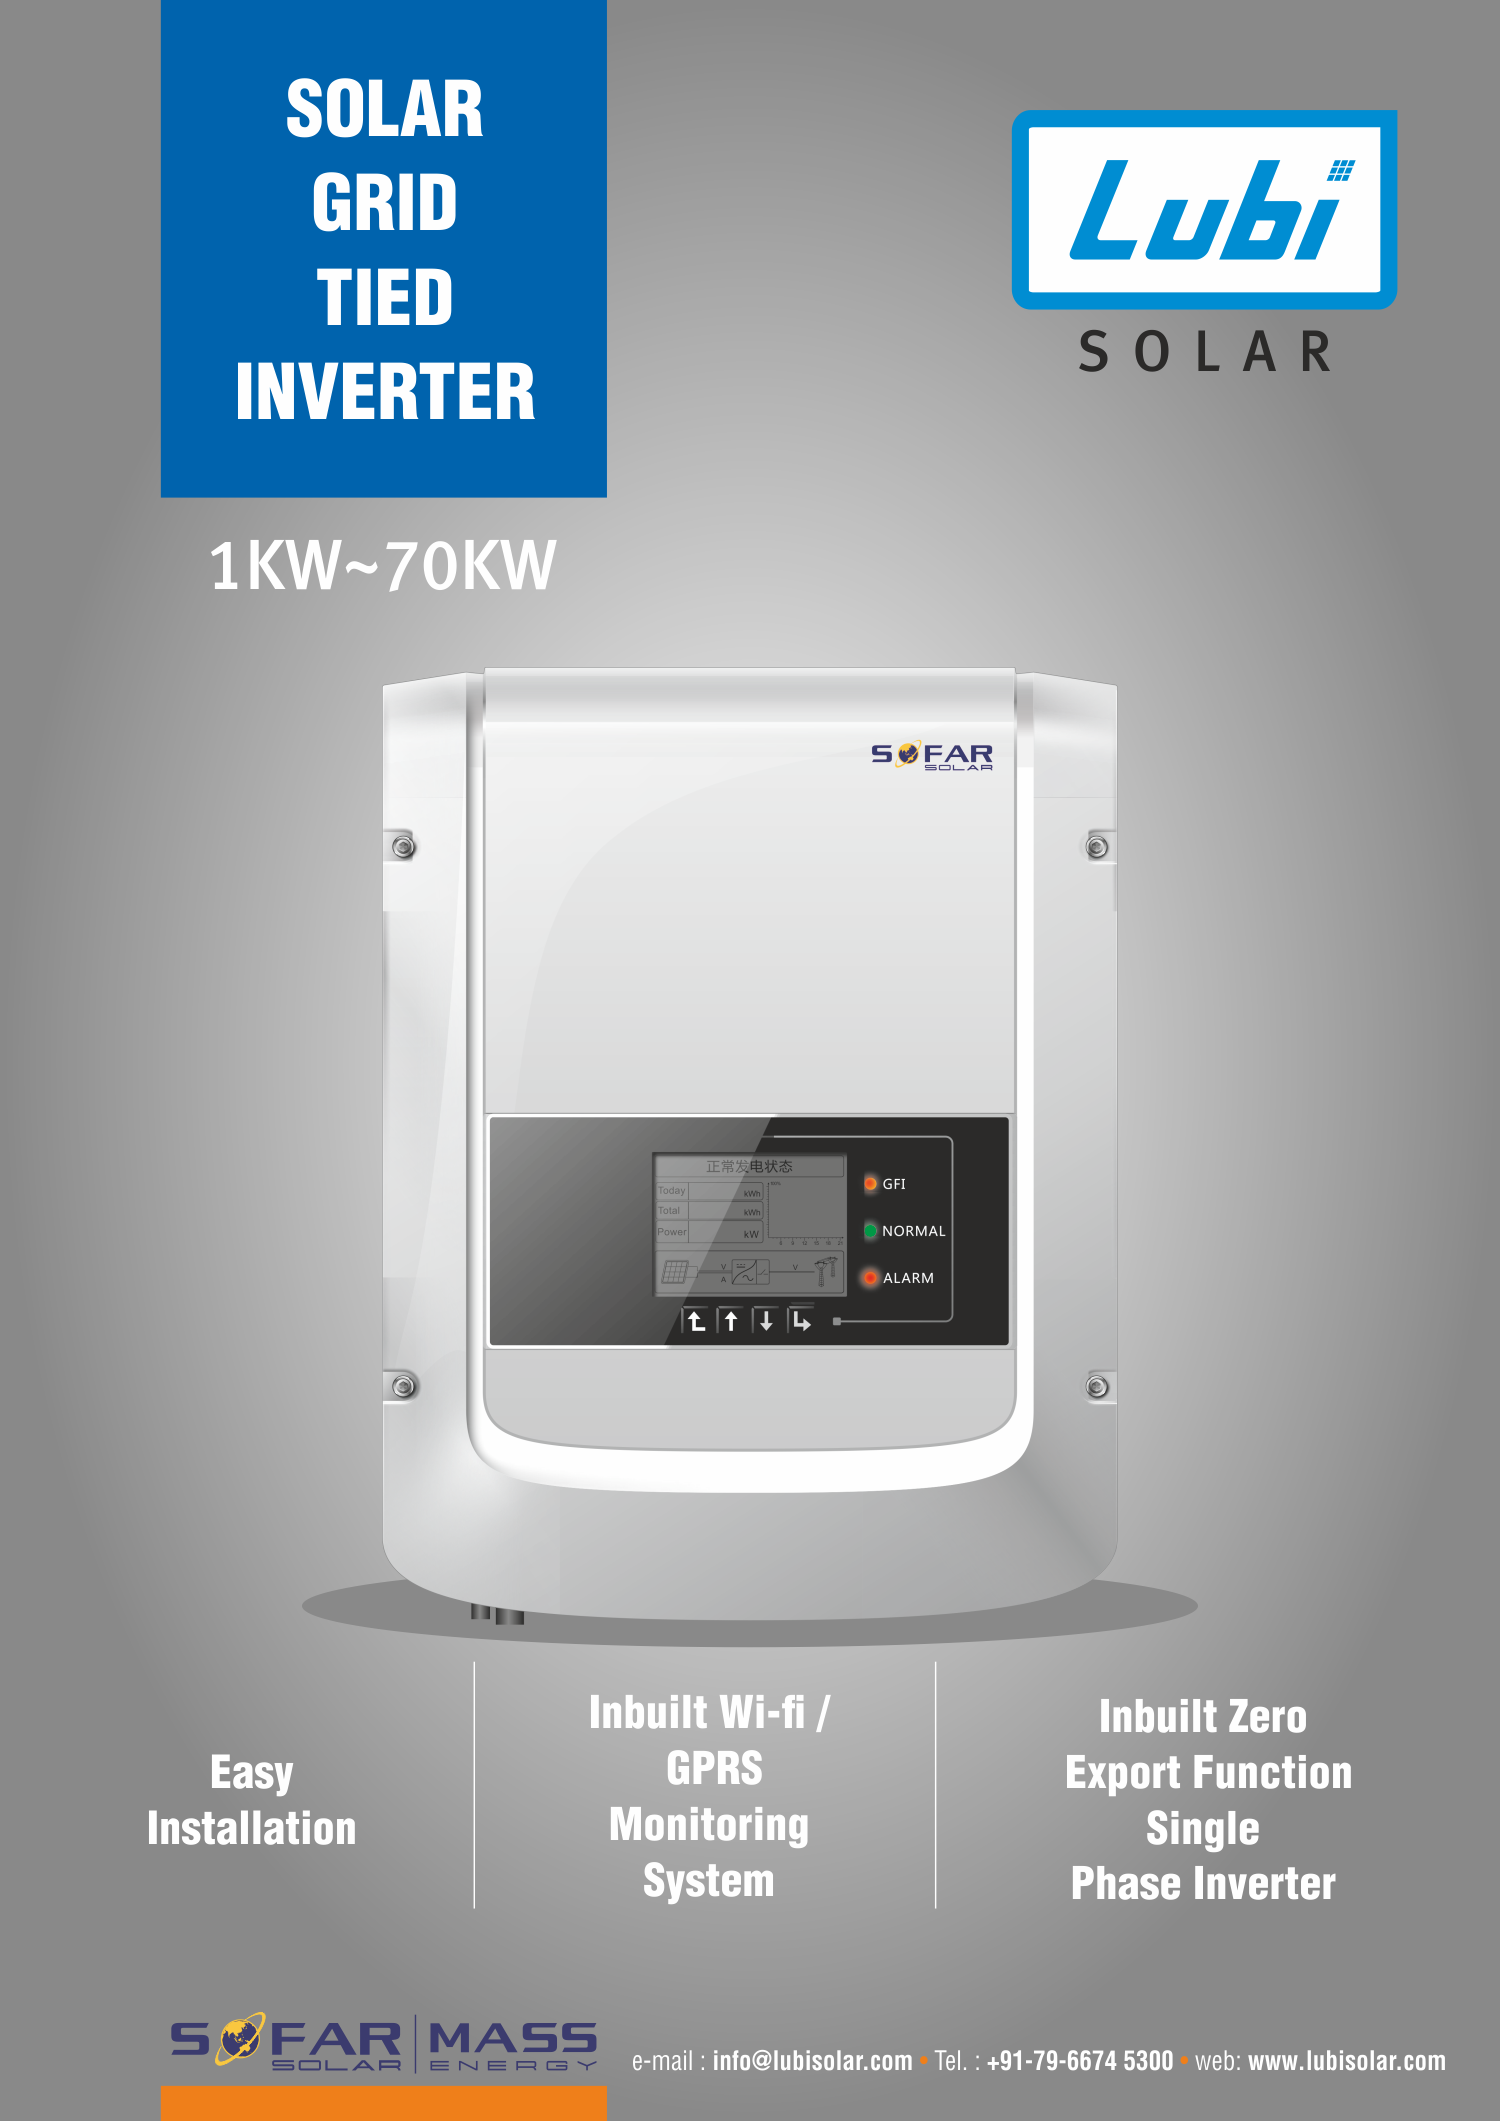 Sofar Solar Inverter In 2020 Solar Inverter Solar Power Panels Solar Module